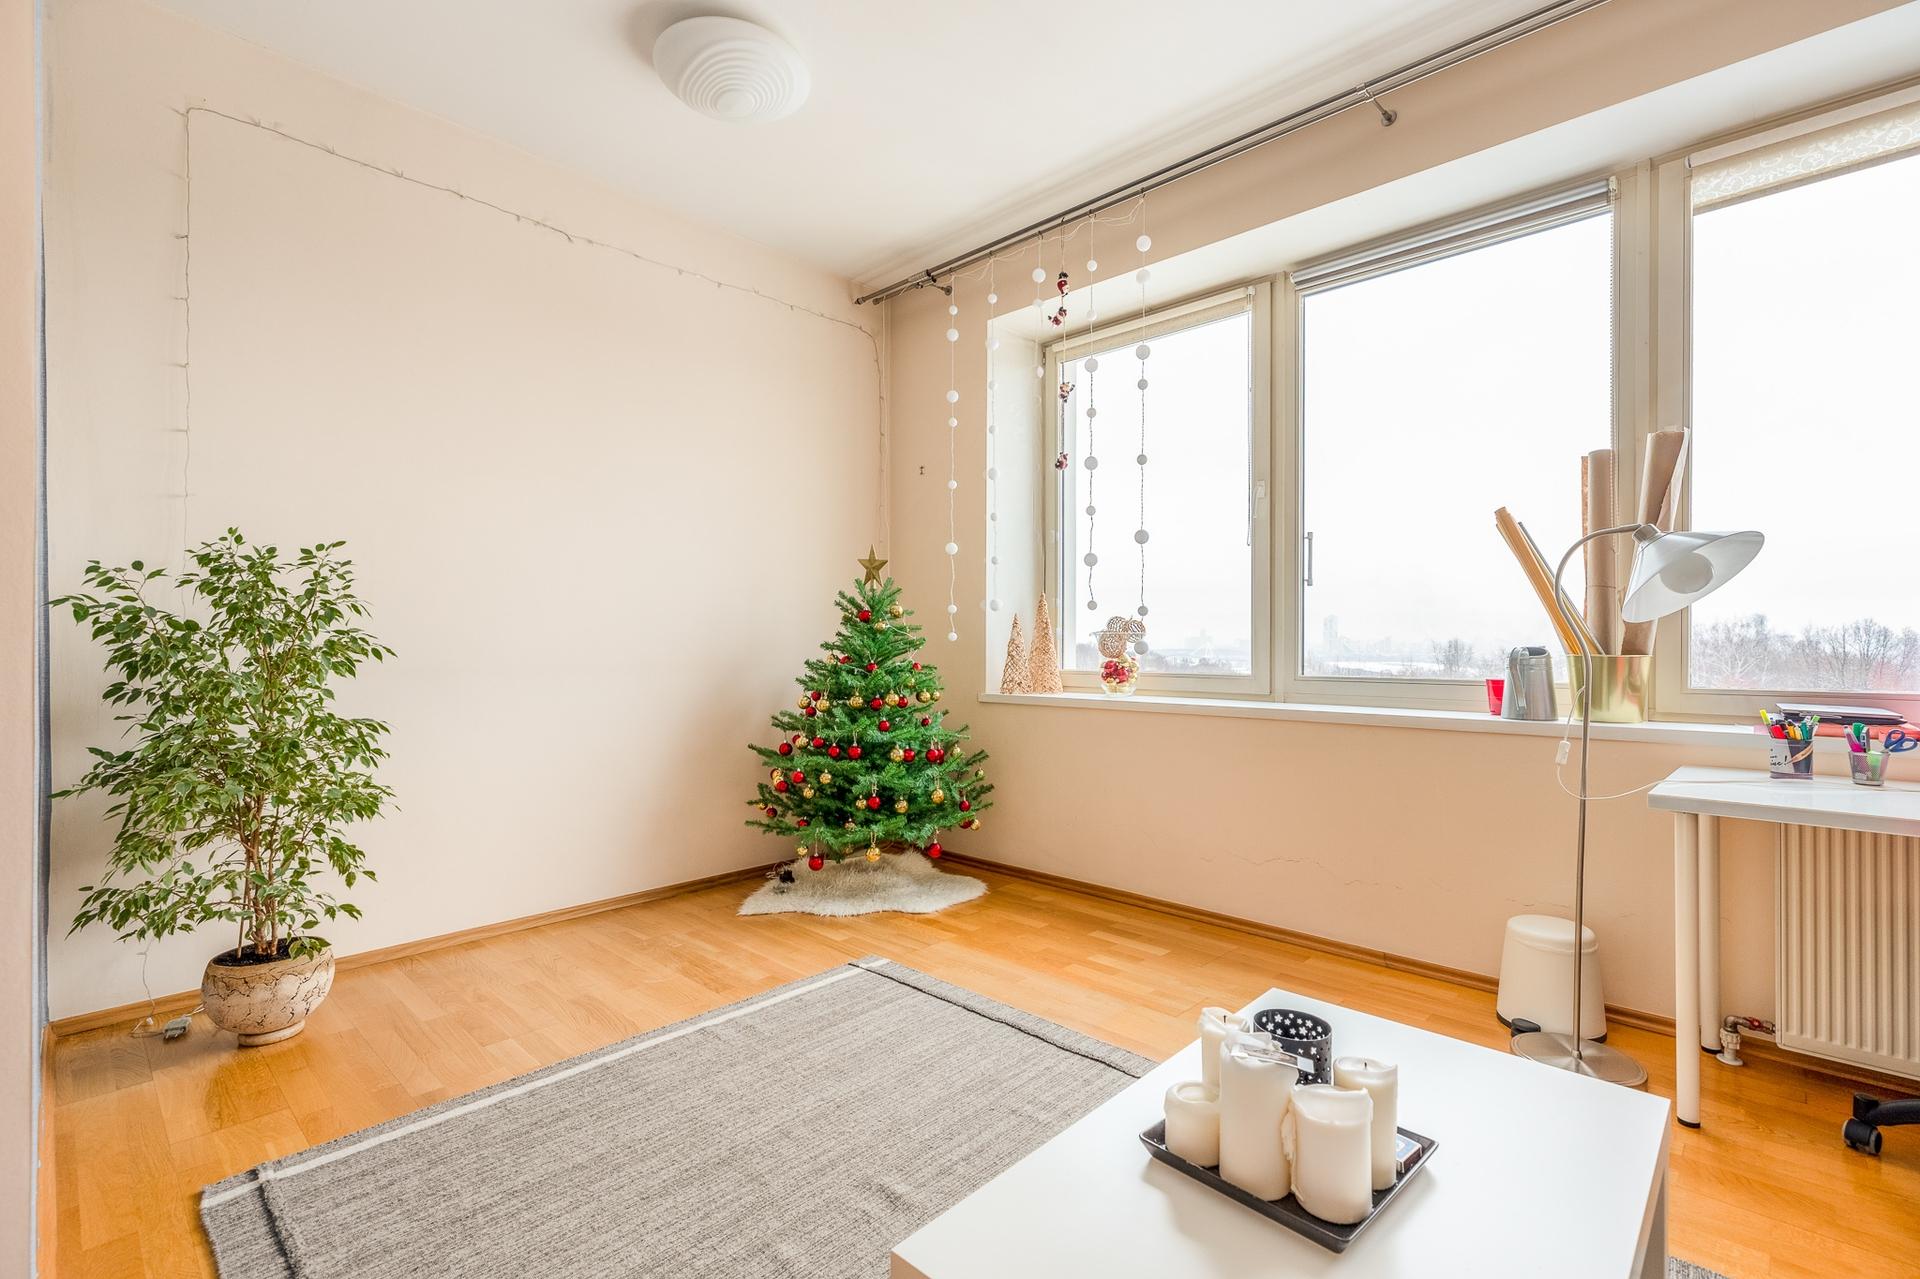 тихая квартира для жизни 2